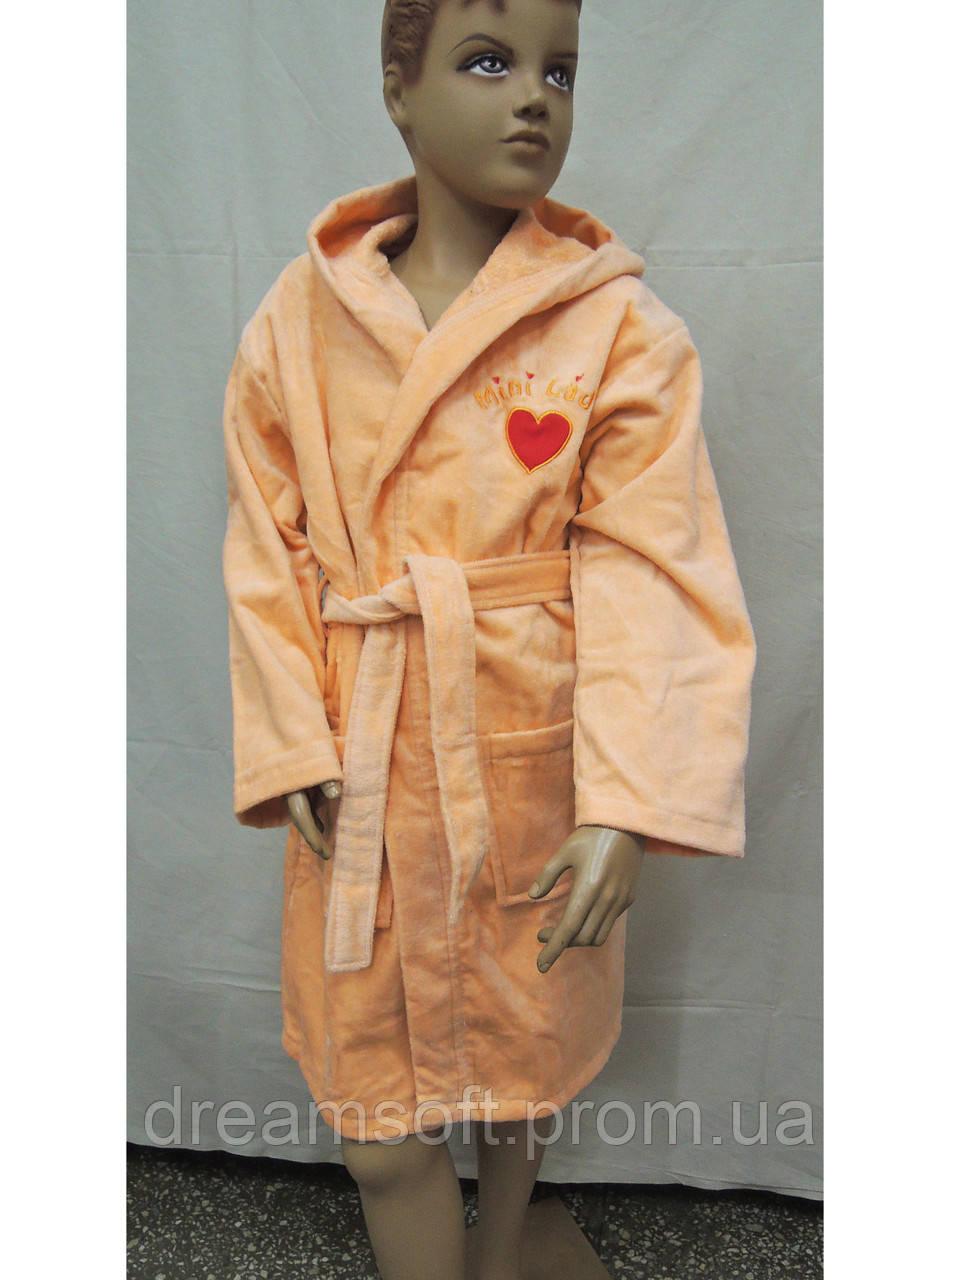 ec3221cbe92bf Халат детский махровый 9-10, 11-12 лет хлопок персиковый, цена 670 ...